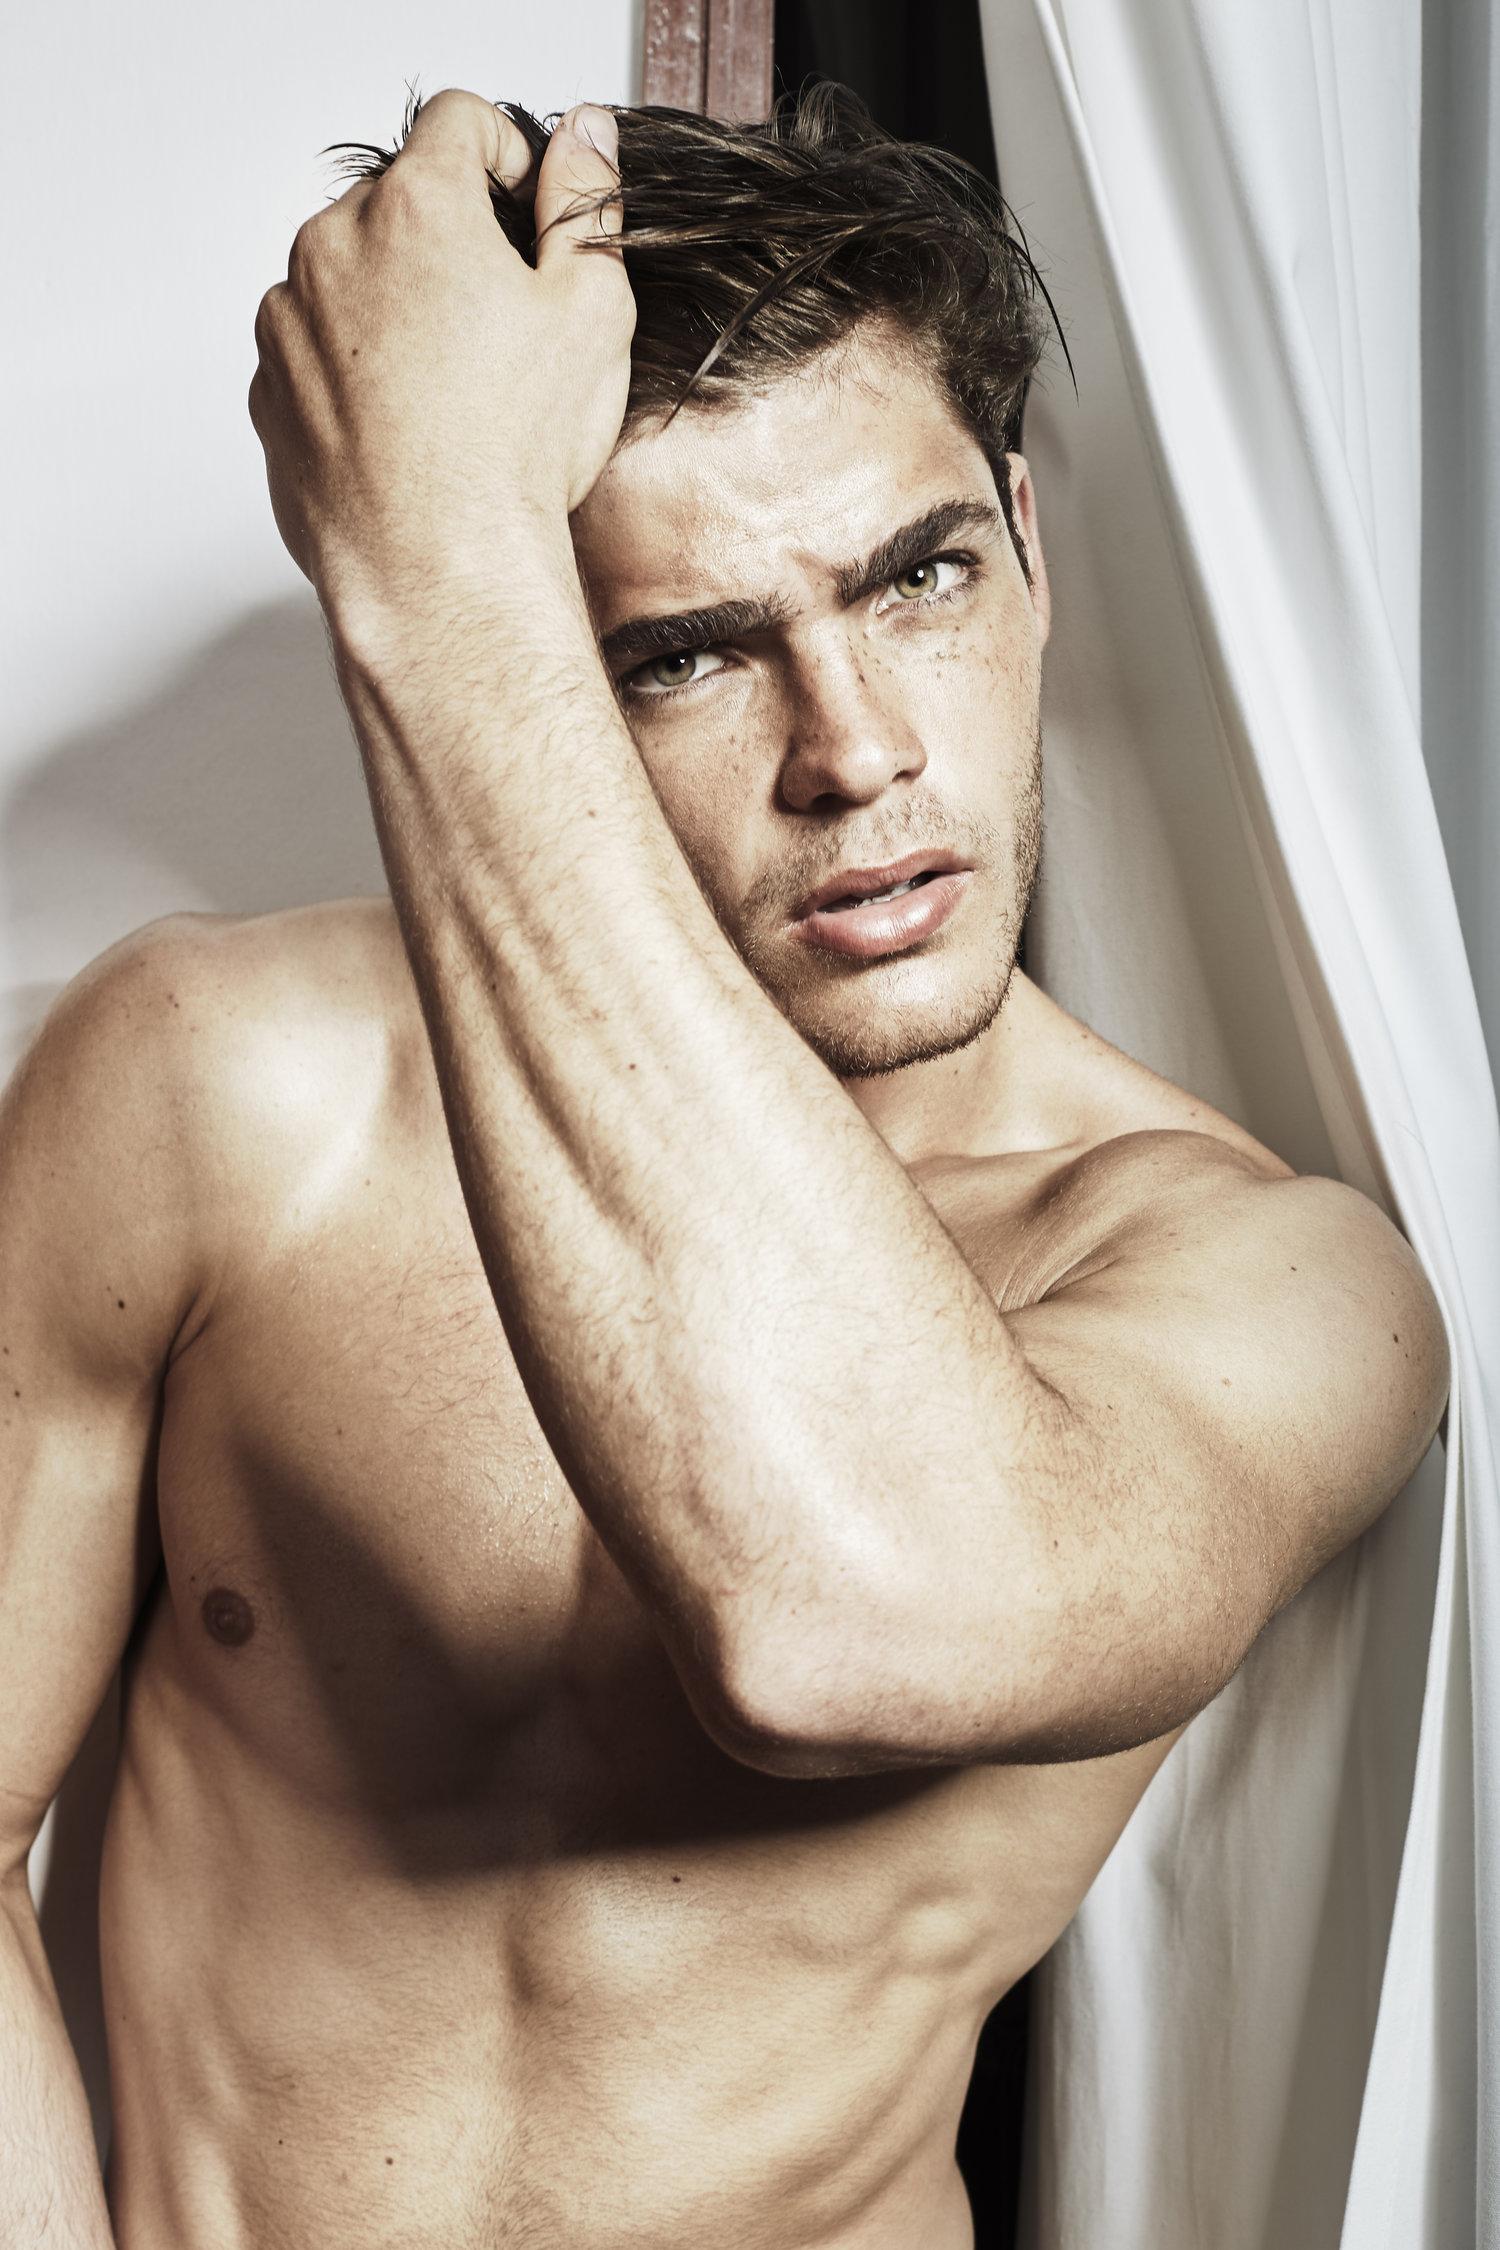 Adon Exclusive: Model Johan Bruinsma By Vicente Mosto